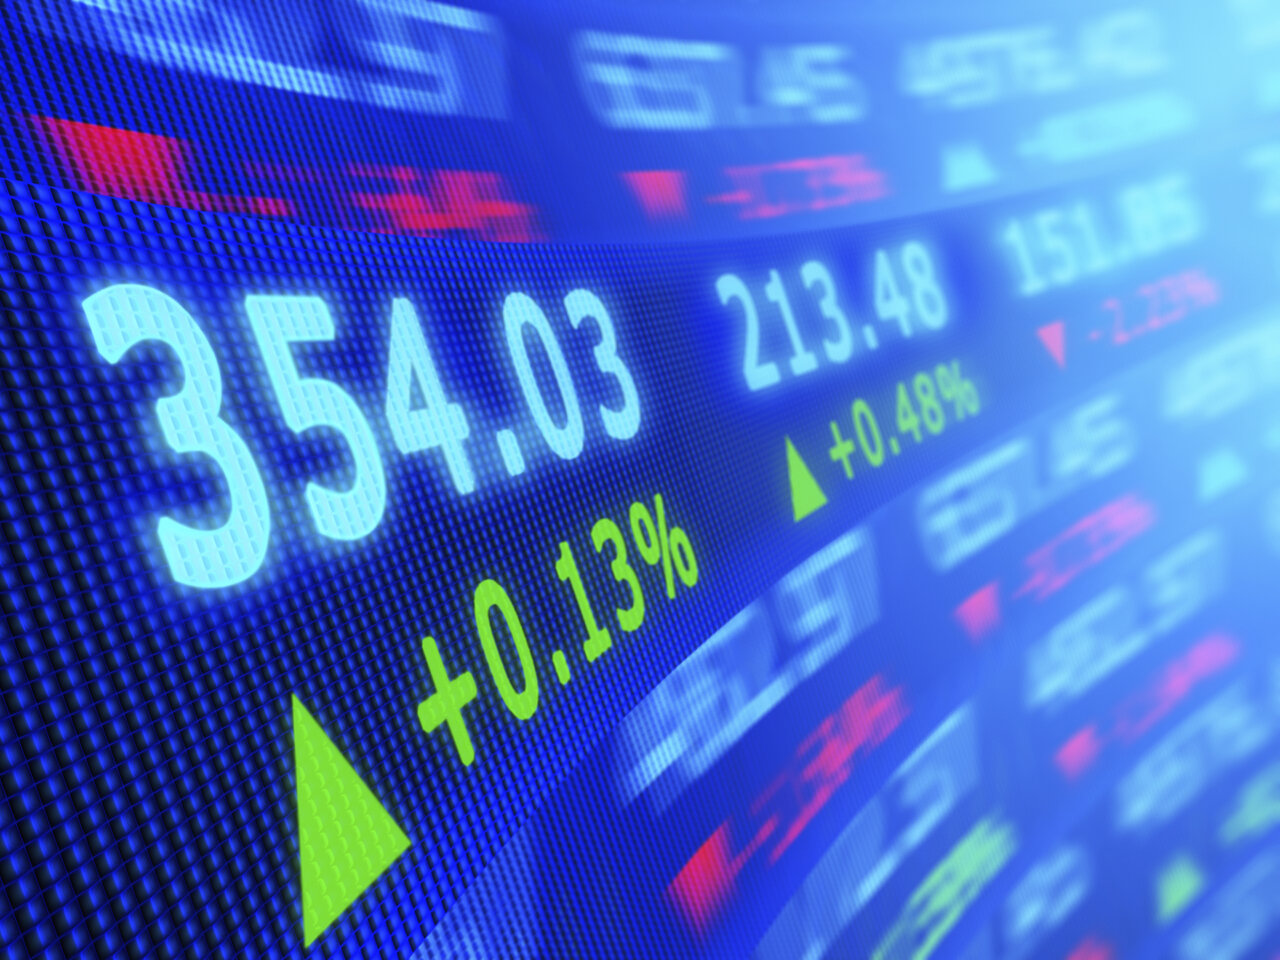 INO Stock News: Inovio Pharmaceuticals Inc. firmer, returns to levels above $20.00